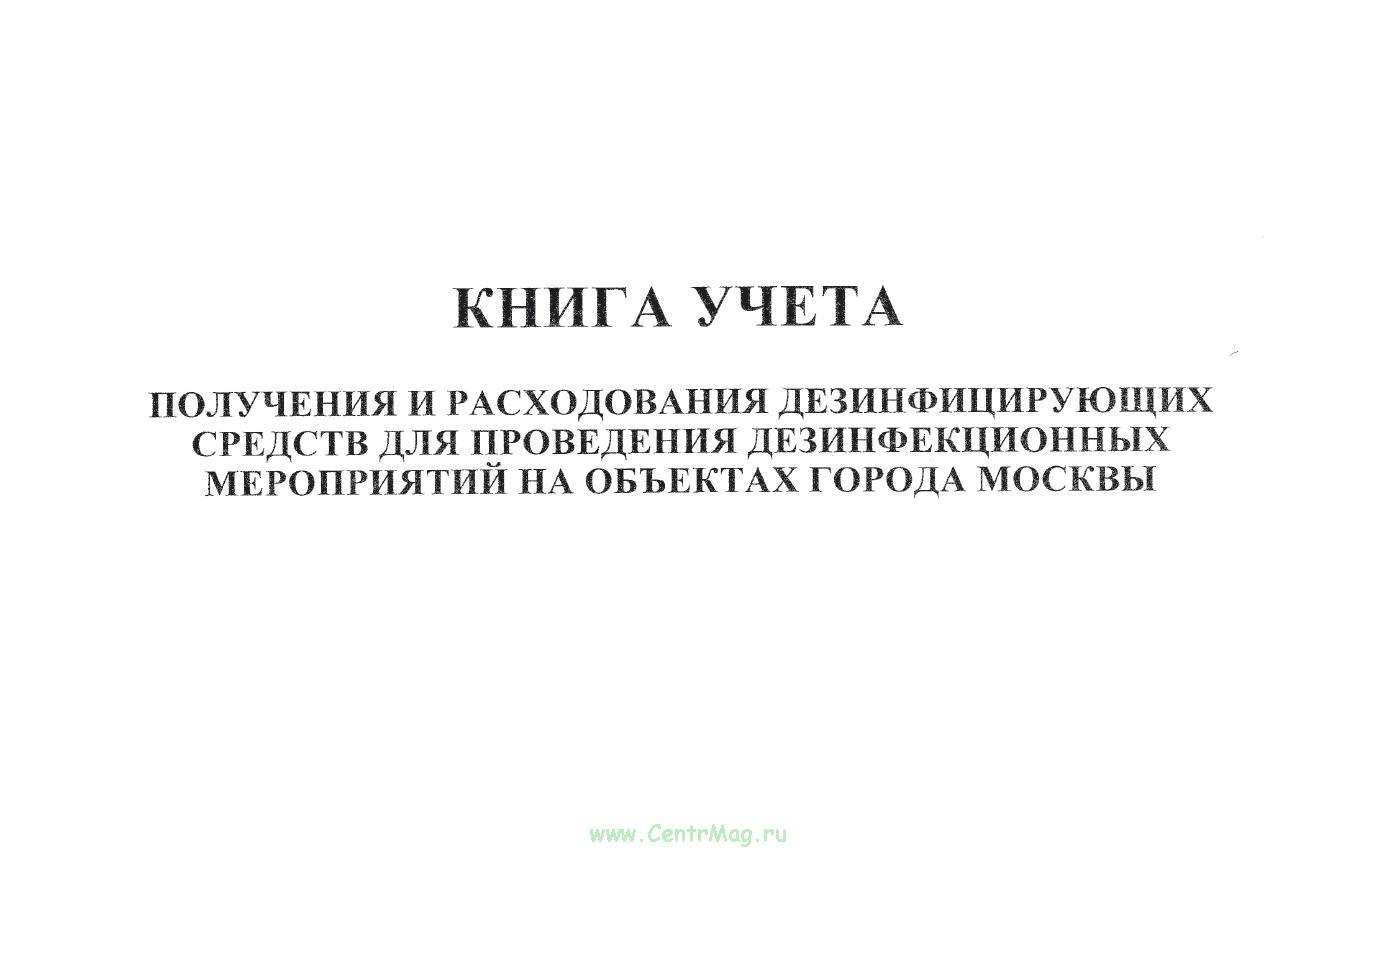 Книга учета получения и расходования дезинфицирующих средств для проведения дезинфекционных мероприятий на объектах города Москвы